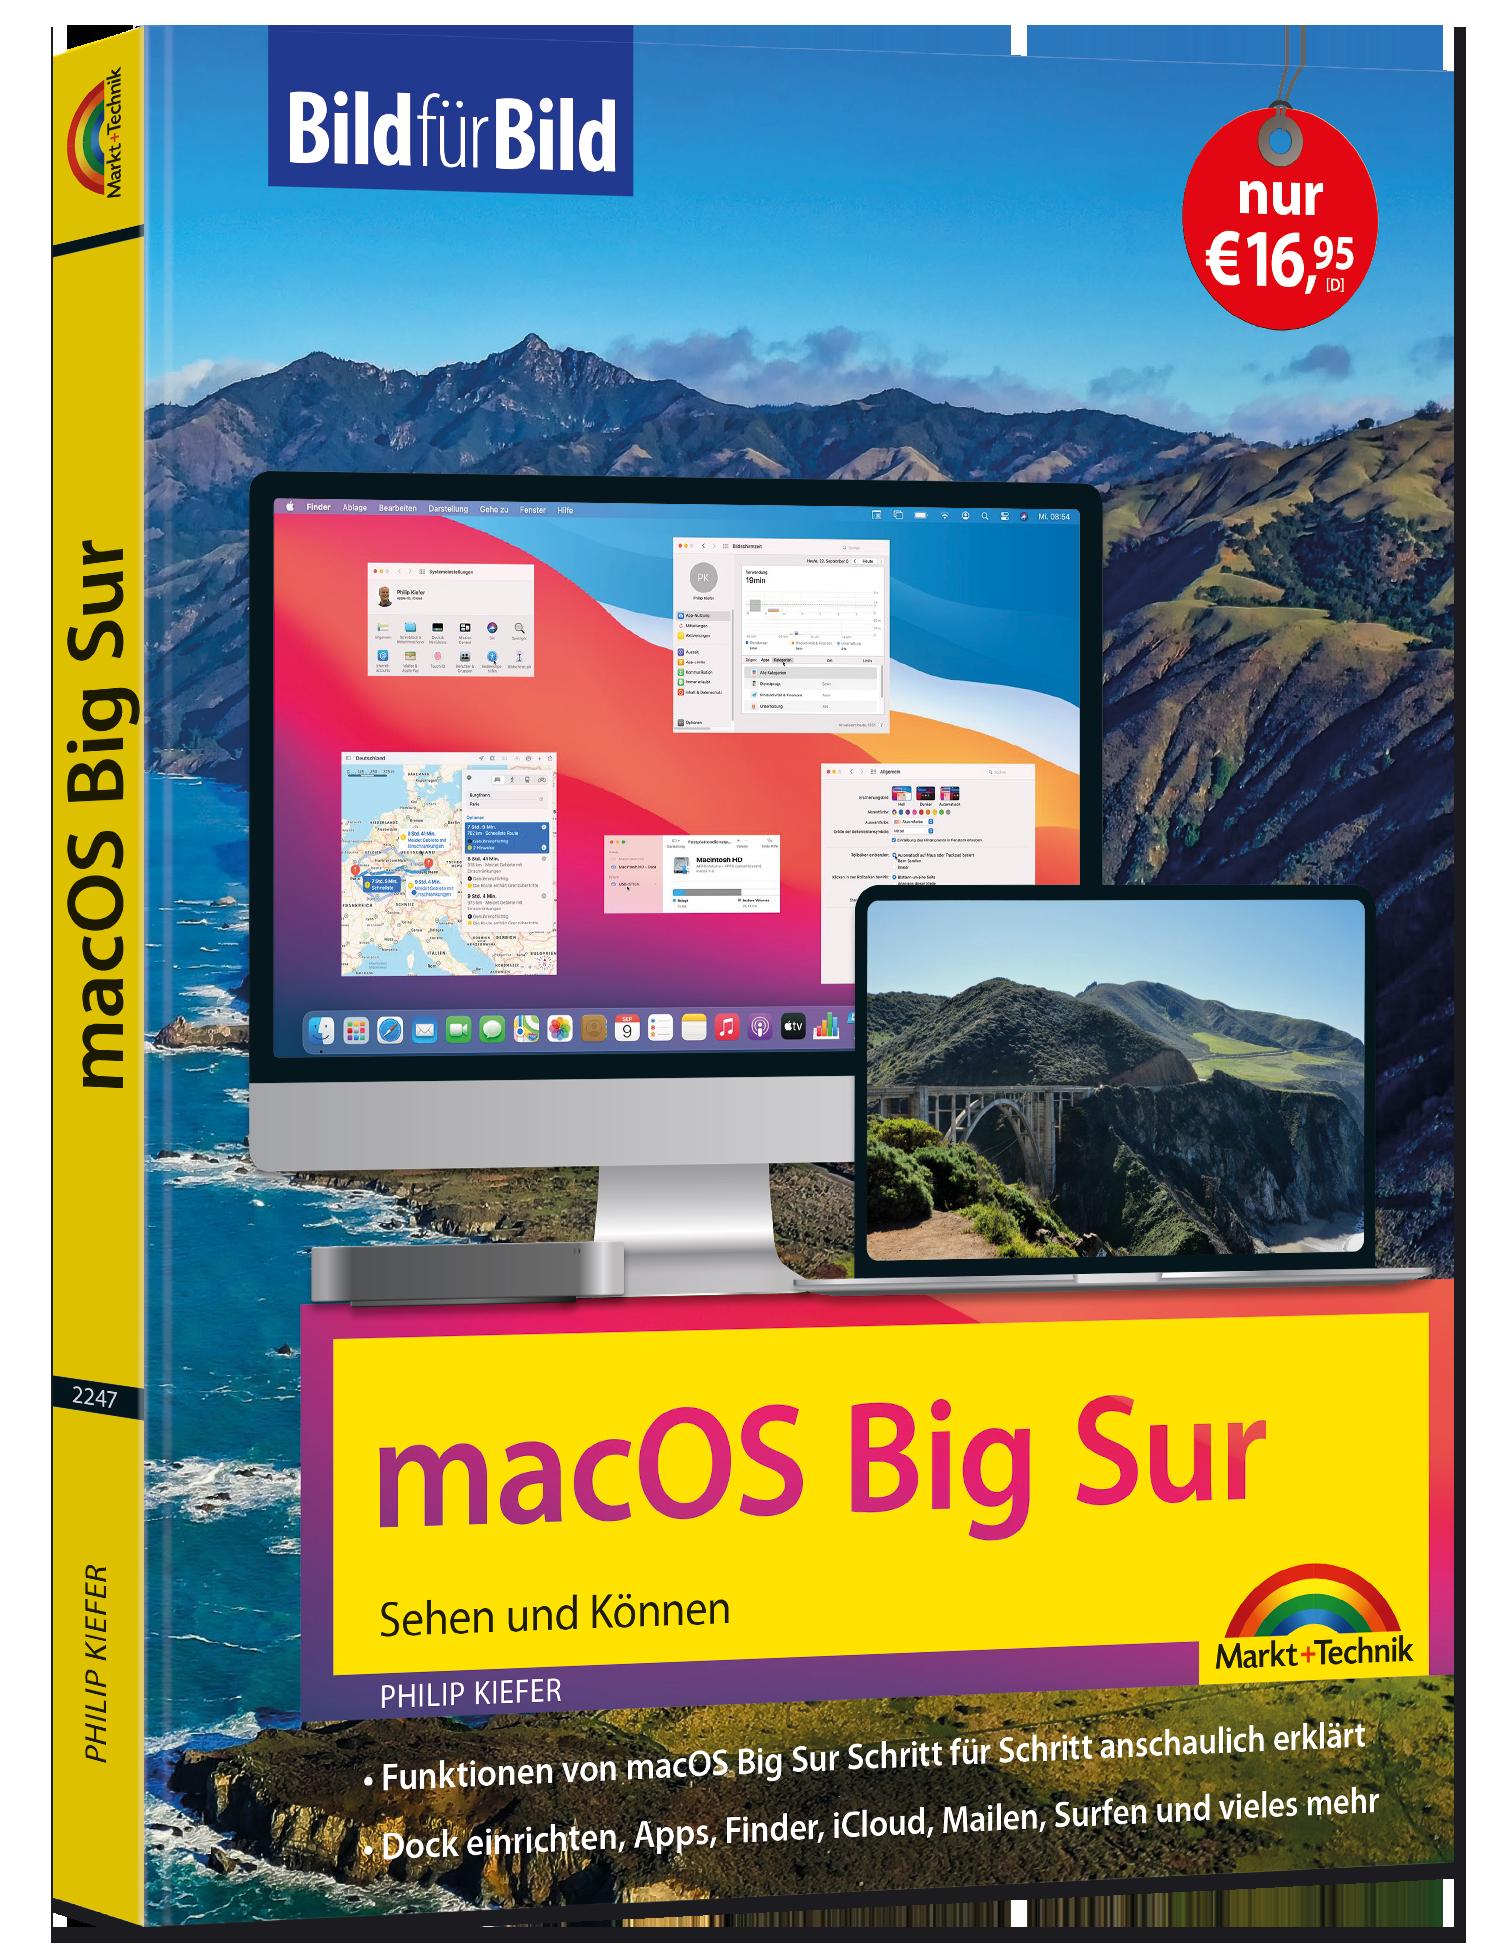 macOS Big Sur - Bild für Bild